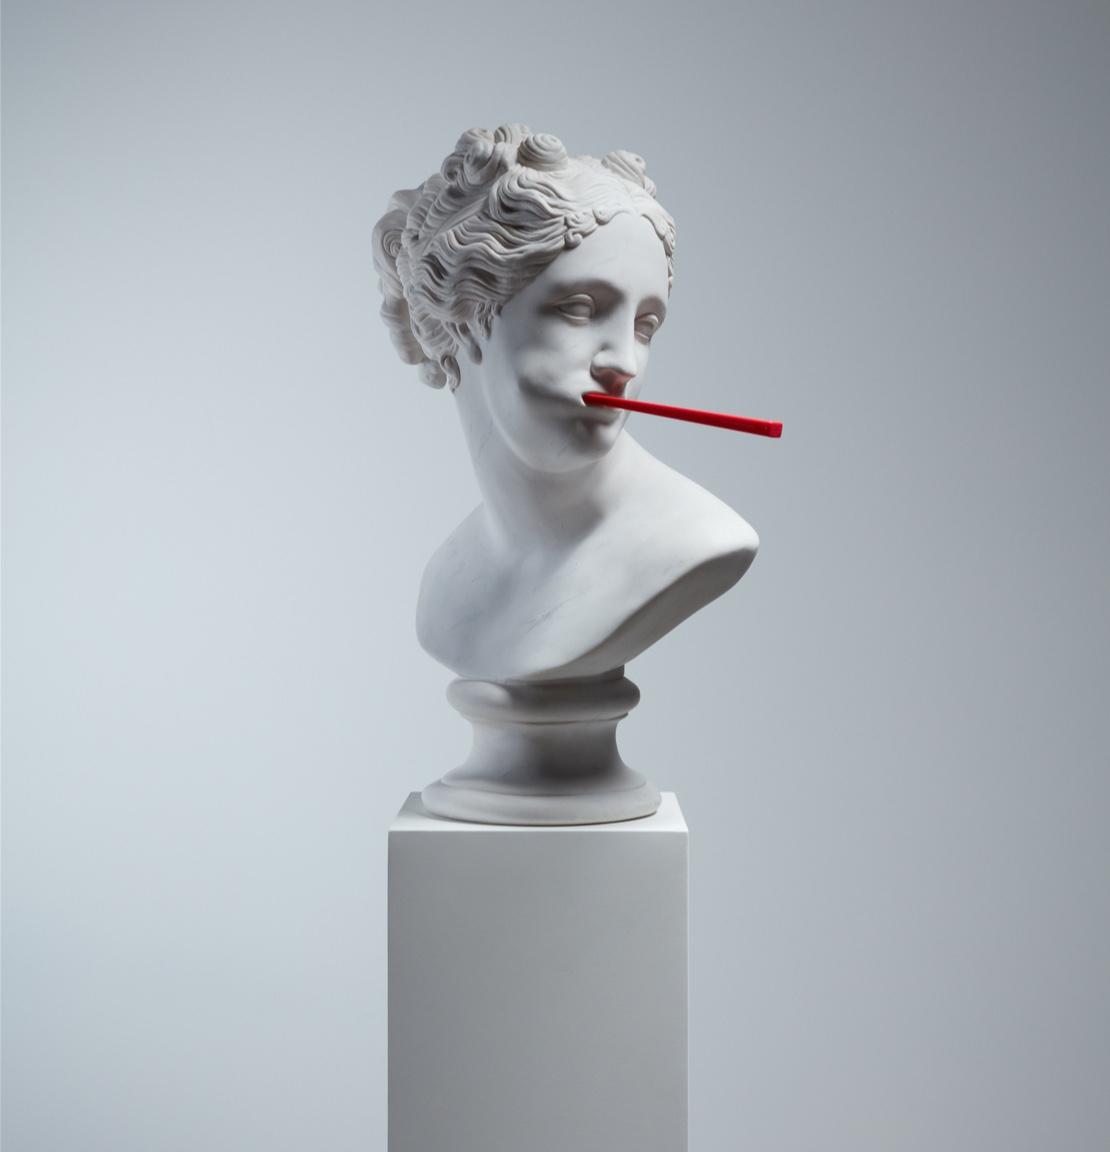 Art of Swissdent socha Penelope s kartáčkem